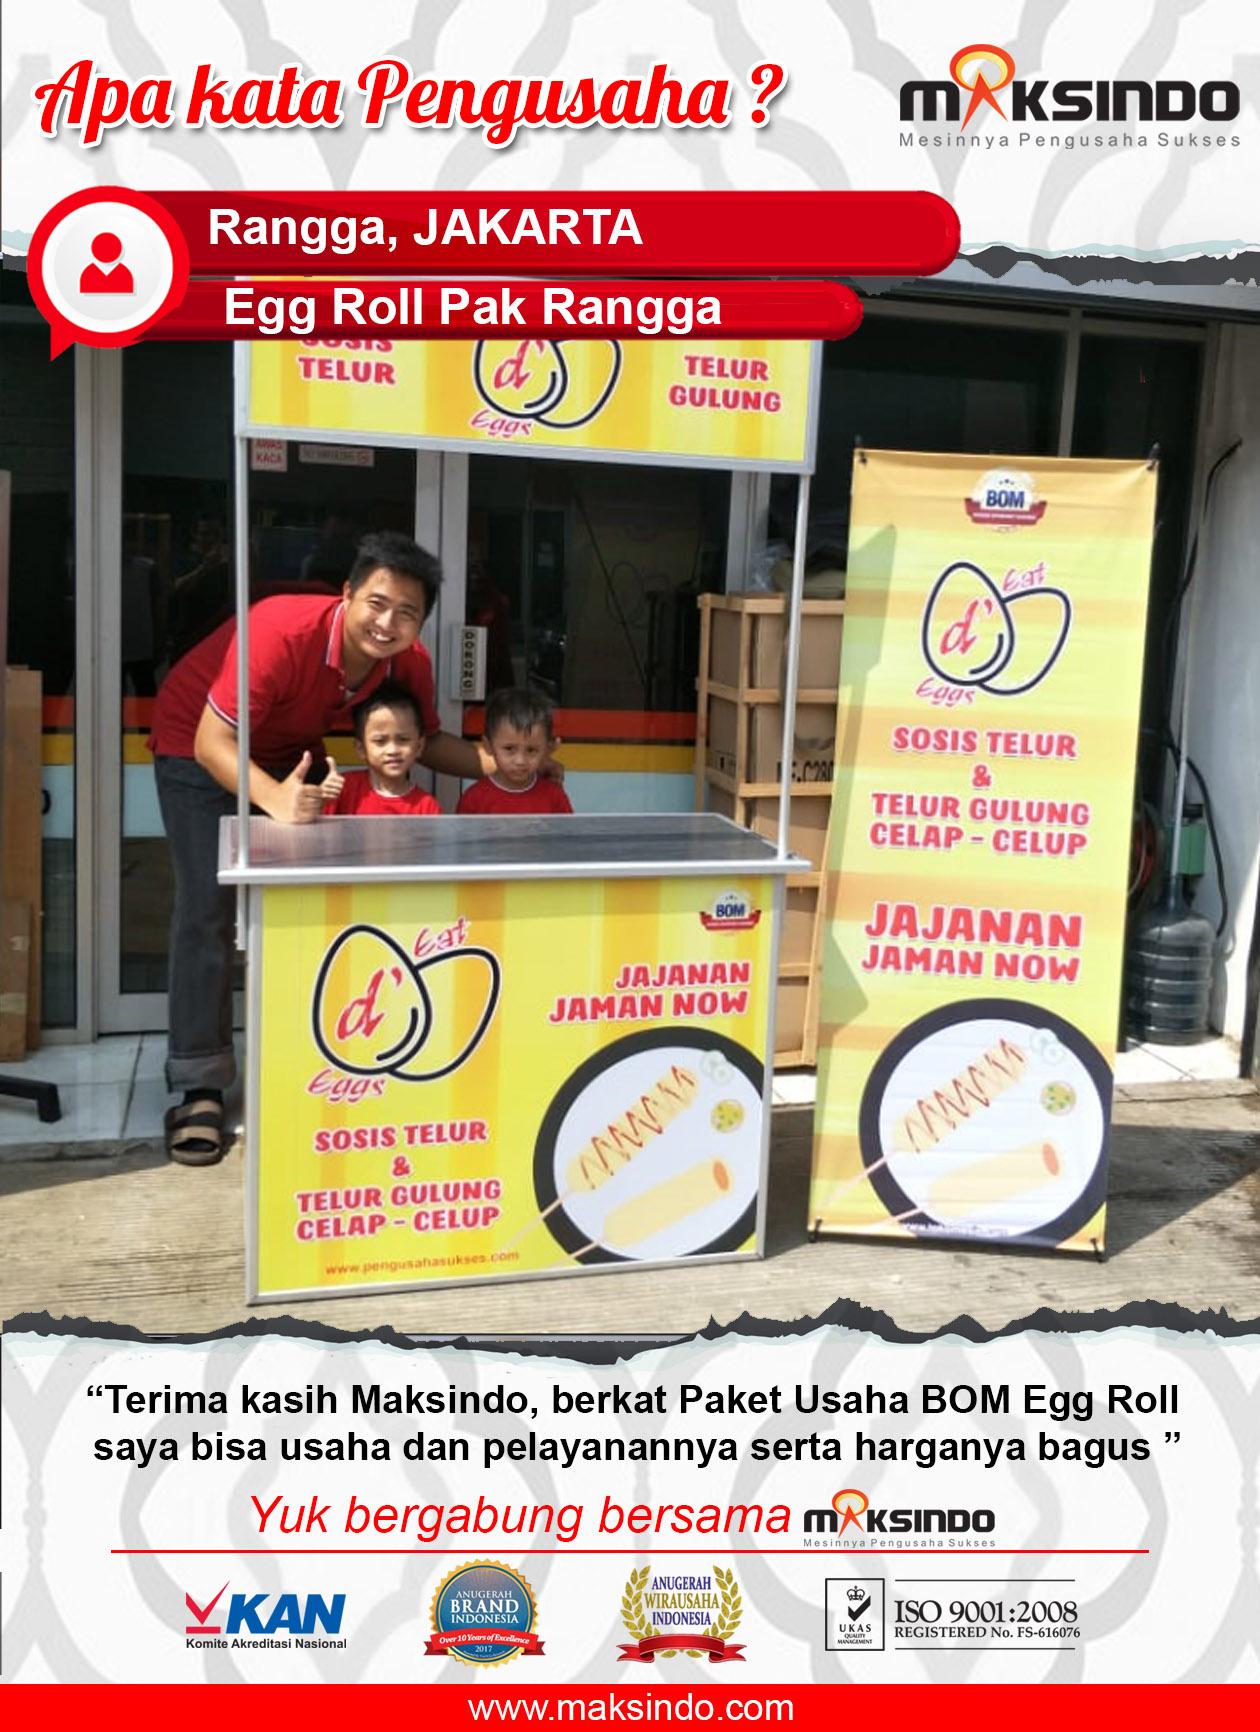 Egg Rol Pak Rangga : Pengusaha Yang Terbantu Dengan Paket Egg Roll dari Maksindo